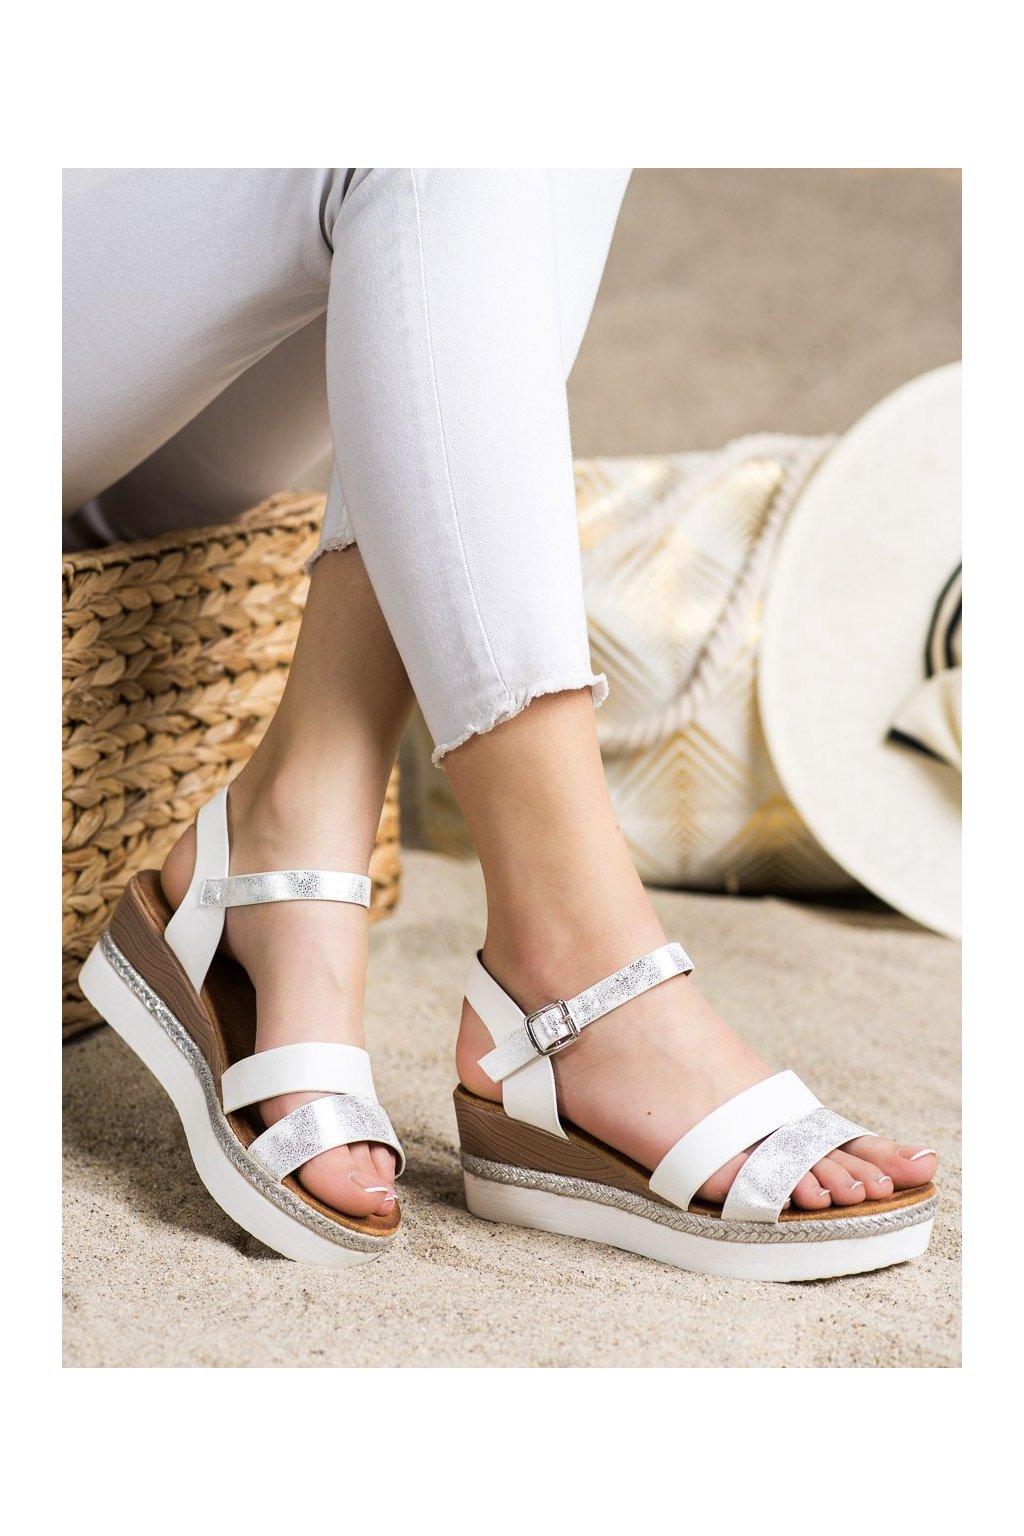 Biele sandále Shelovet kod W980W